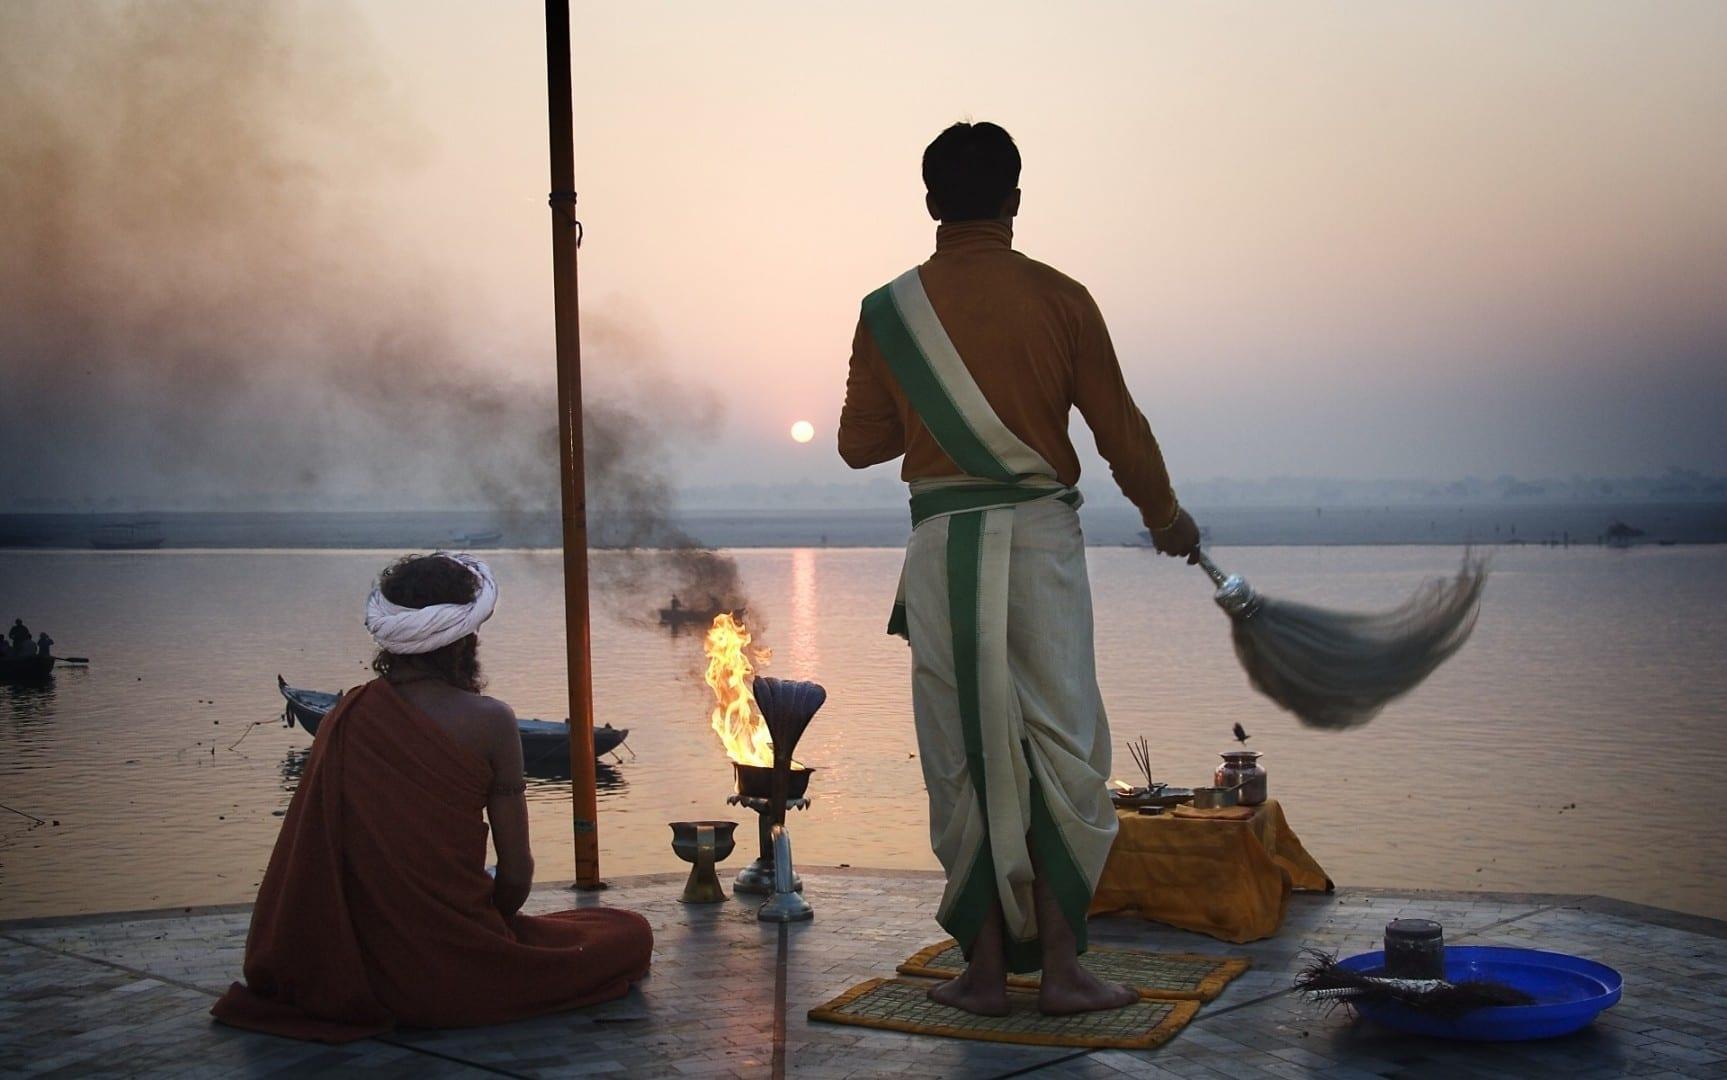 Sacerdote hindú saludando al sol en el Ganges Varanasi / Benares India